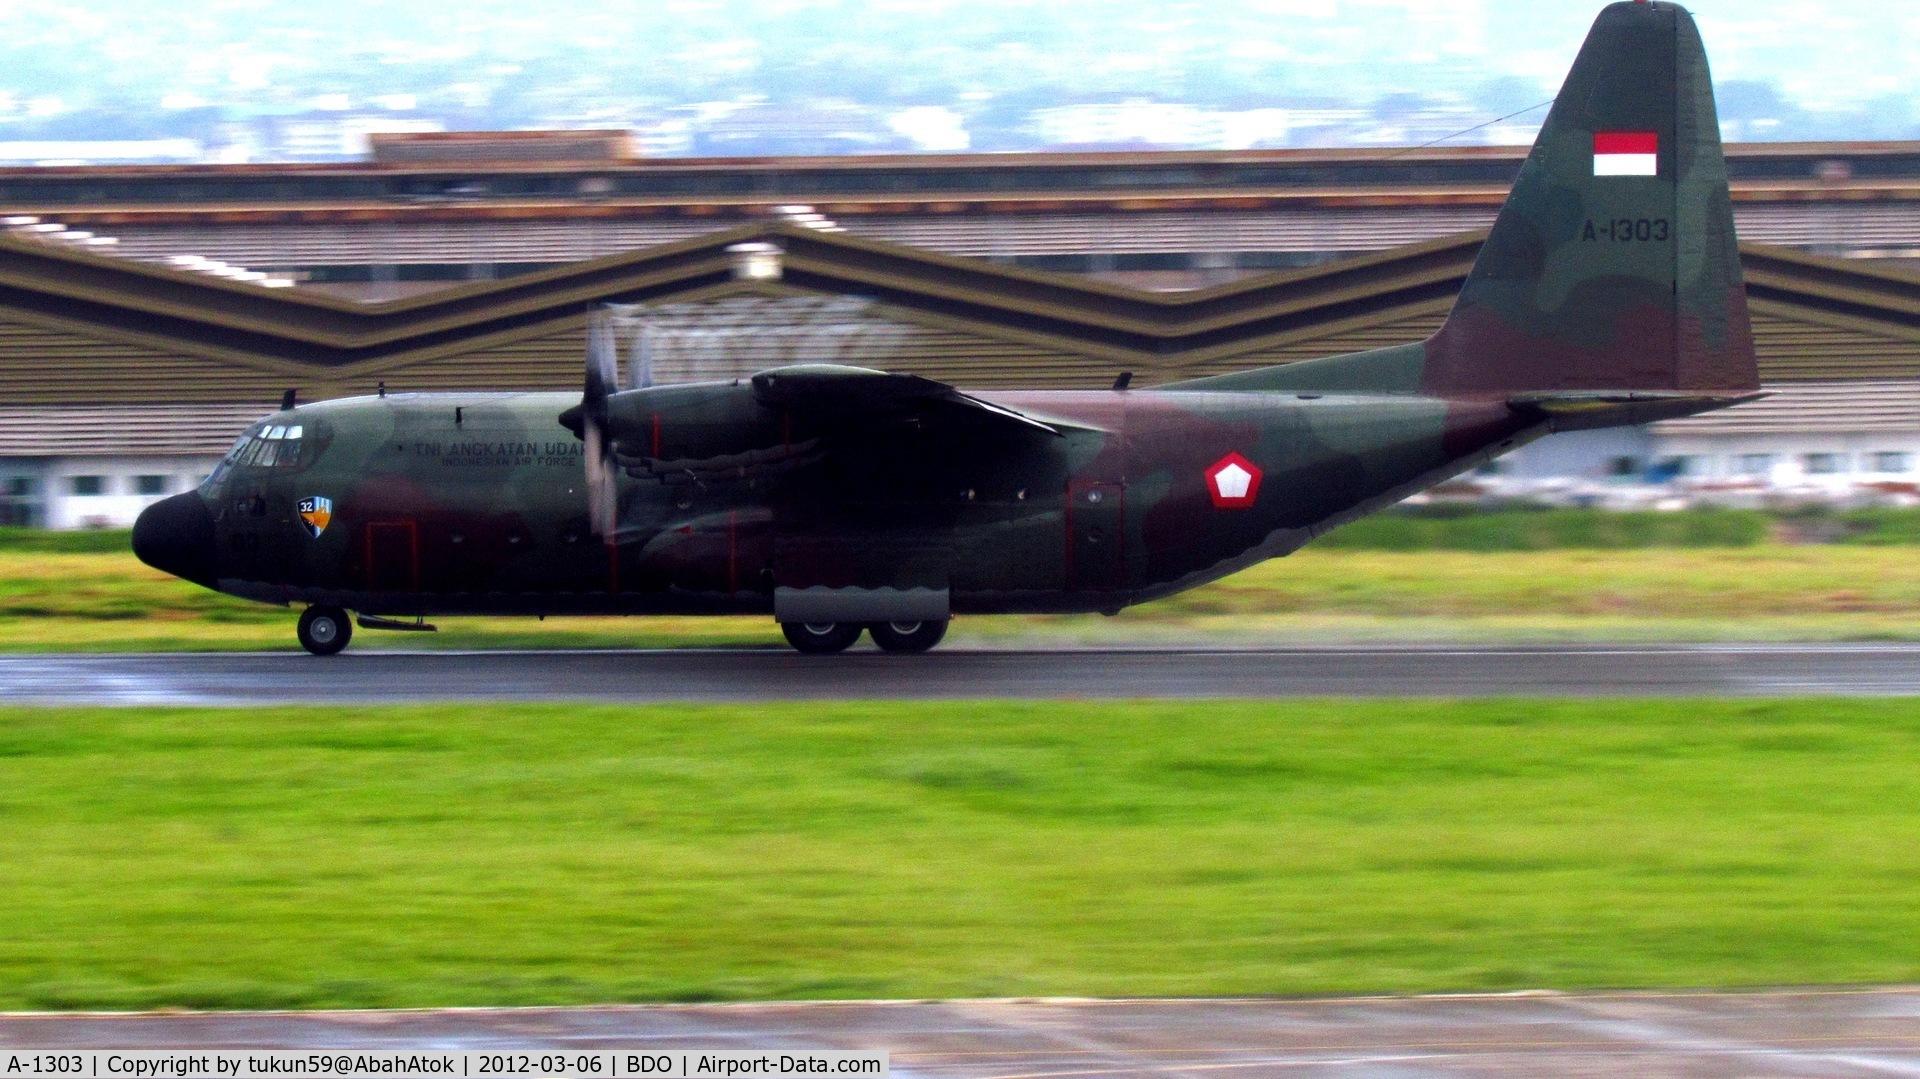 A-1303, 1960 Lockheed C-130B Hercules C/N 282-3580, Indonesian Air Force Tentara Nasional Indonesia Angkatan Udara, TNI–AU